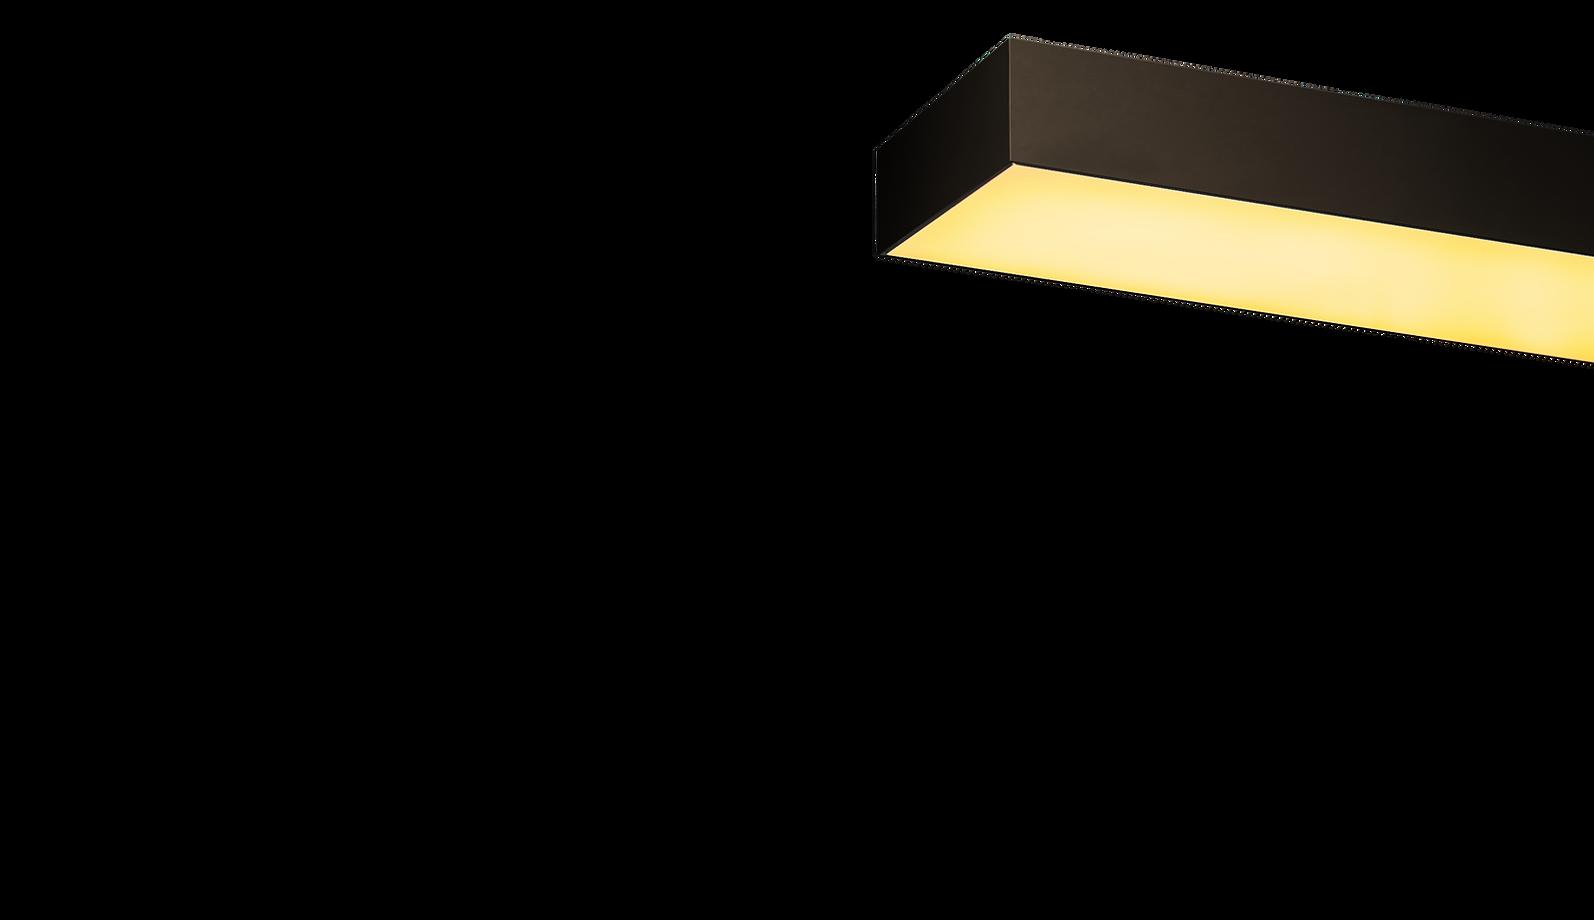 Svetelne stropy LED osvetlenie obdlznikovy svetelny strop